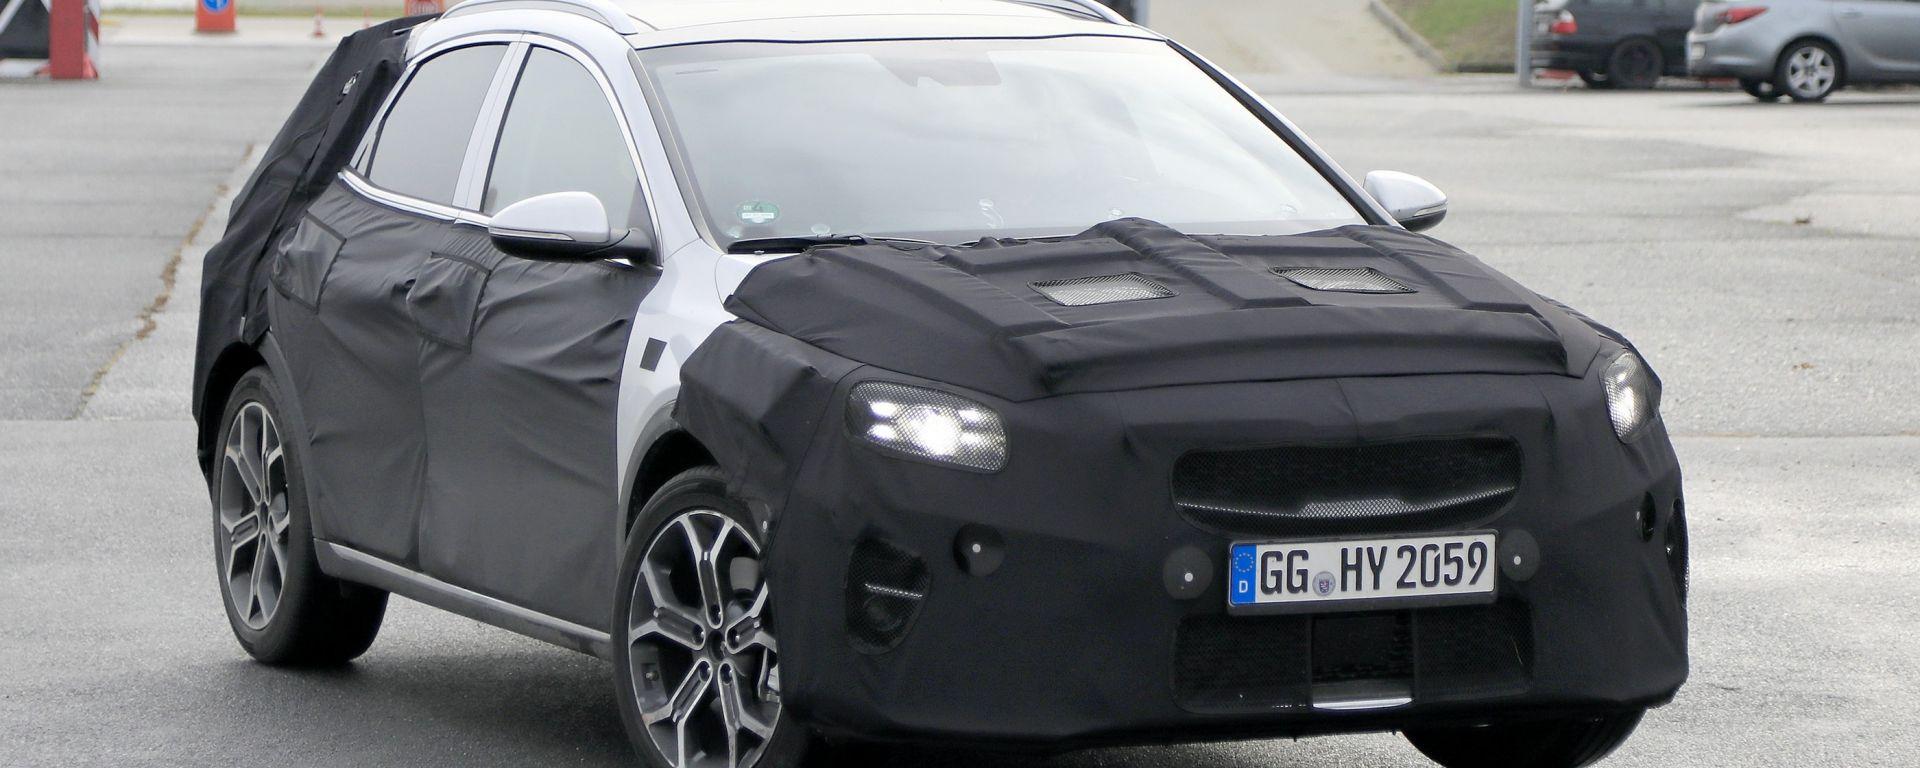 Nuova Kia Ceed: in arrivo una versione SUV?